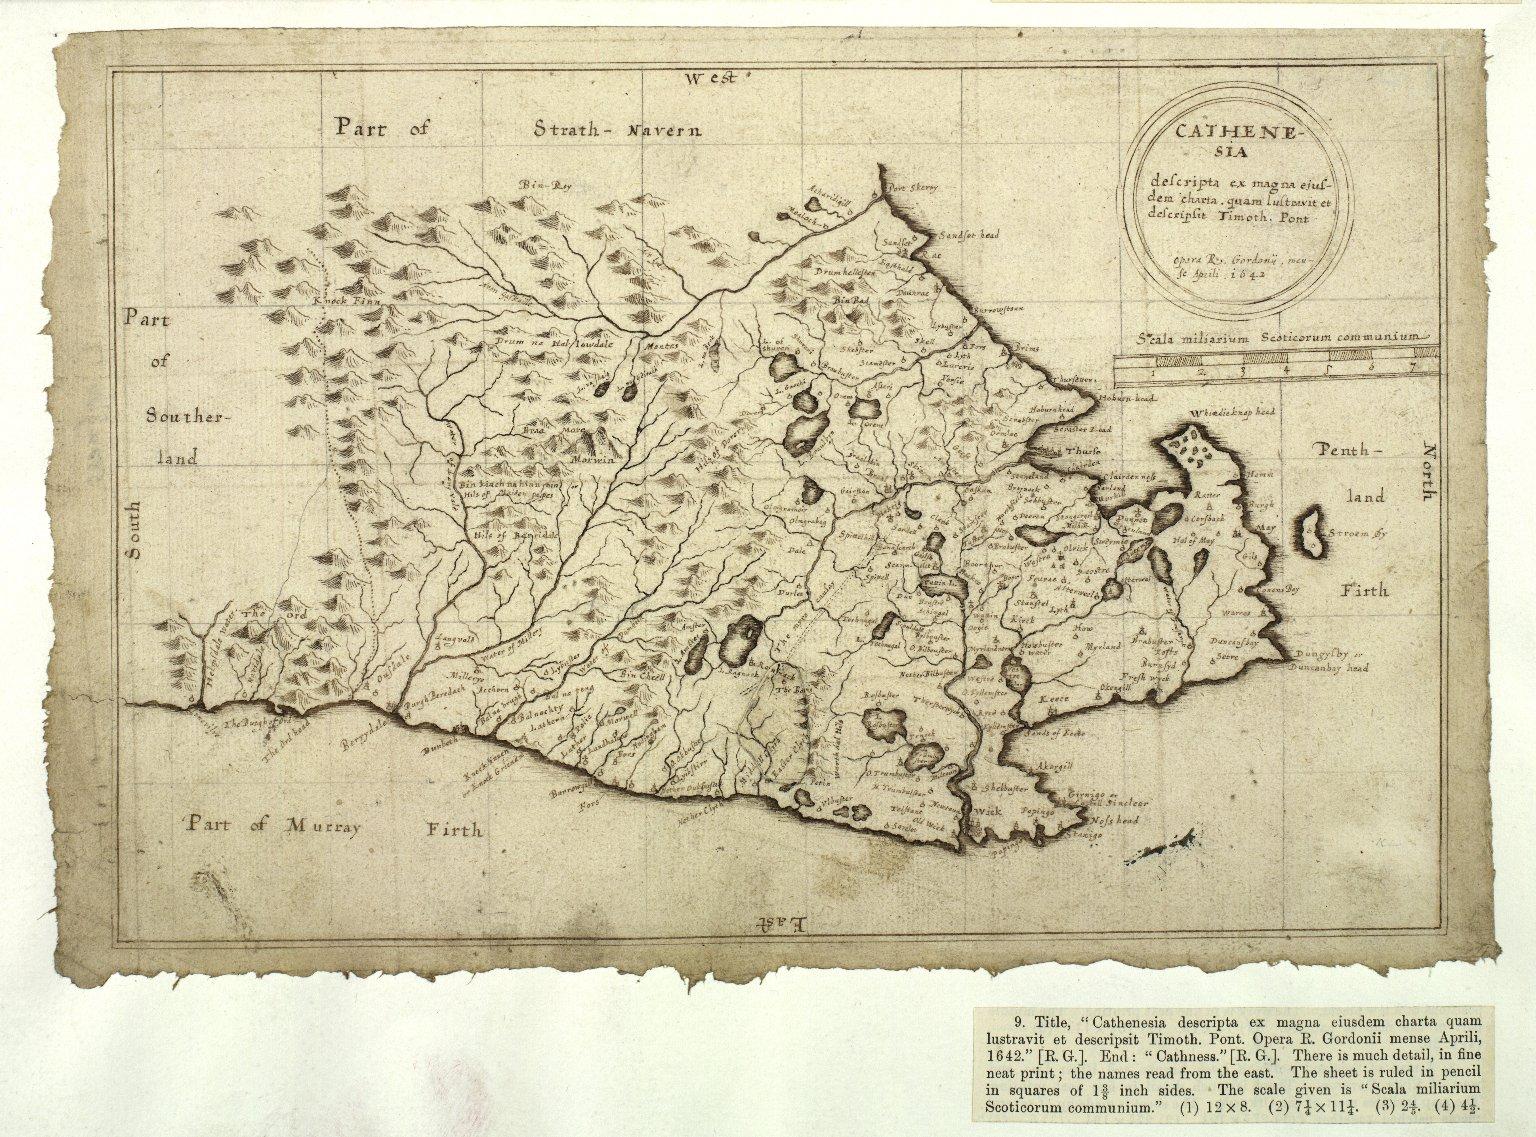 Cathenesia descripta ex magna ejusdem charta quam lustravit et descripsit Timoth. Pont [1 of 1]